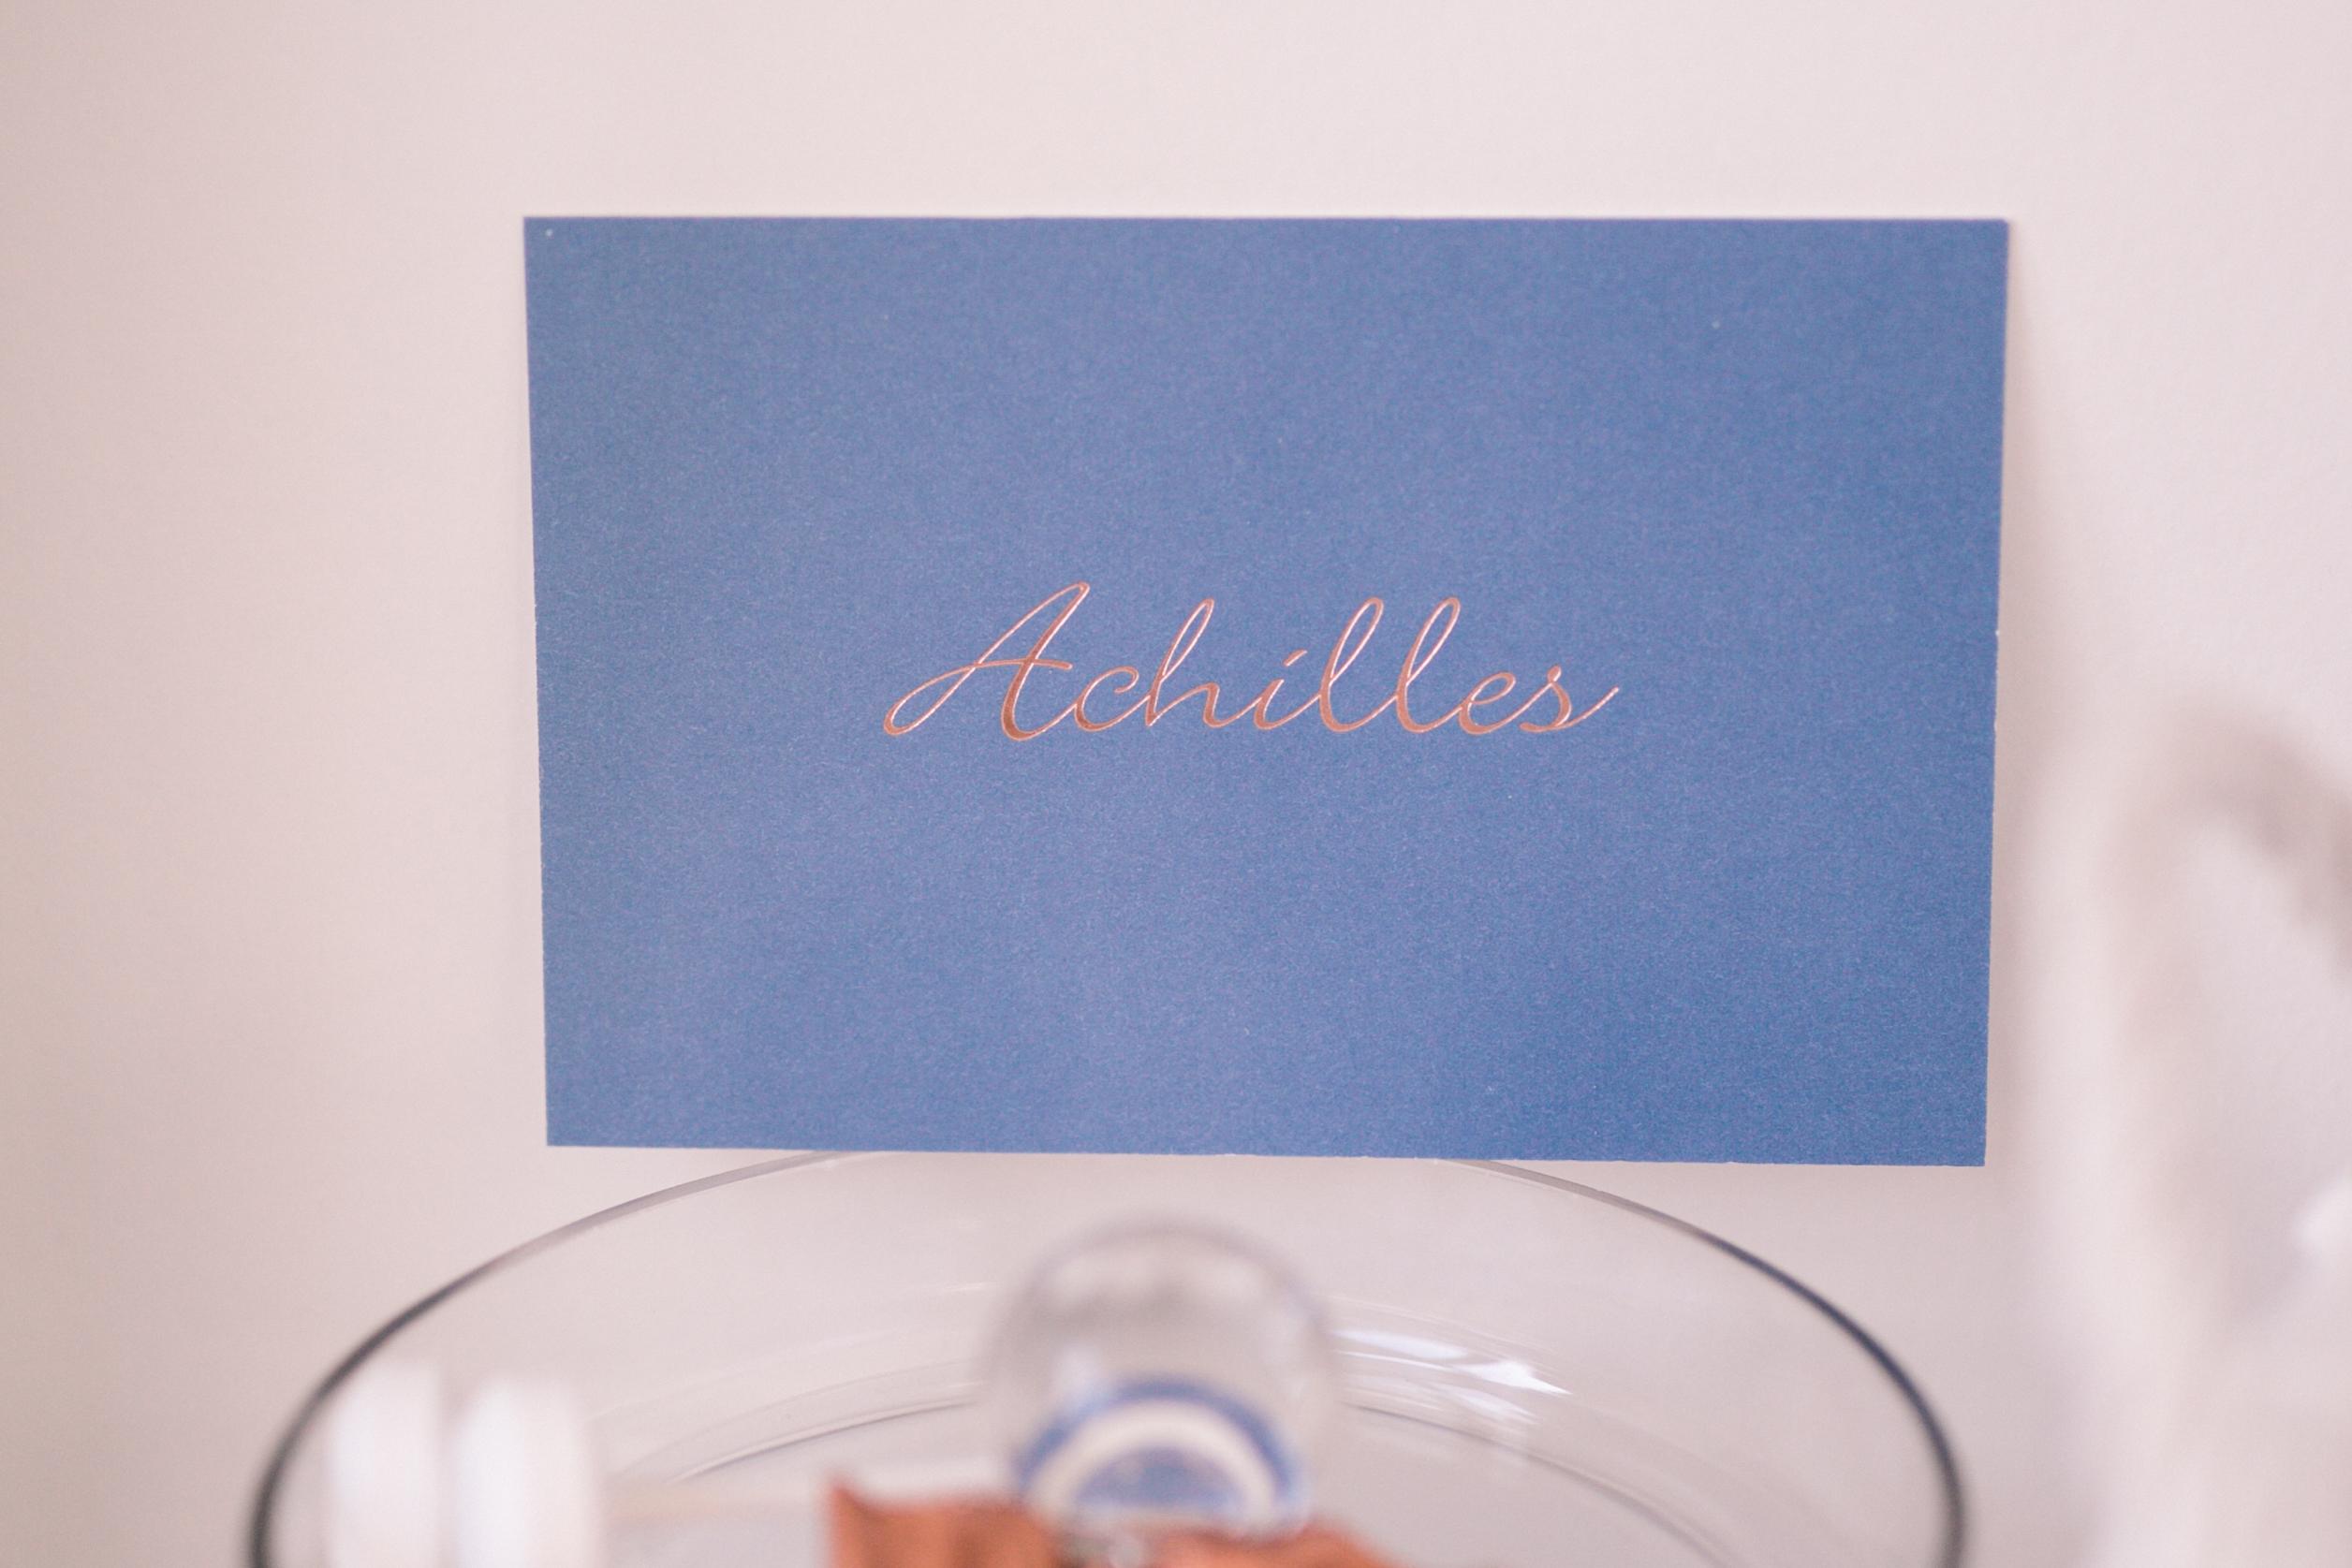 Achilles-9335